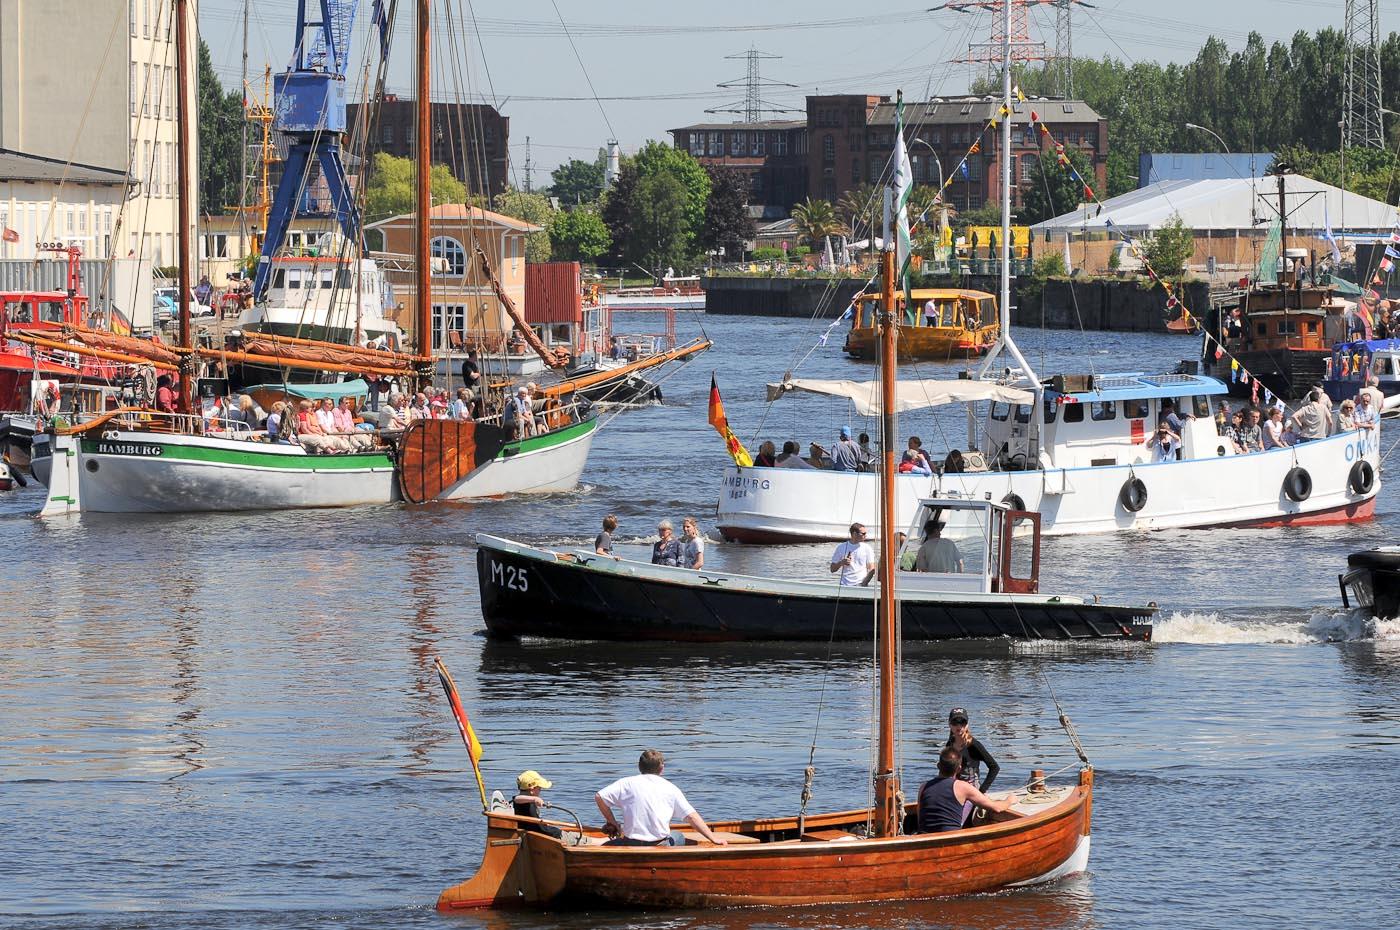 Foto ID 2015041705 Harburg Hafen